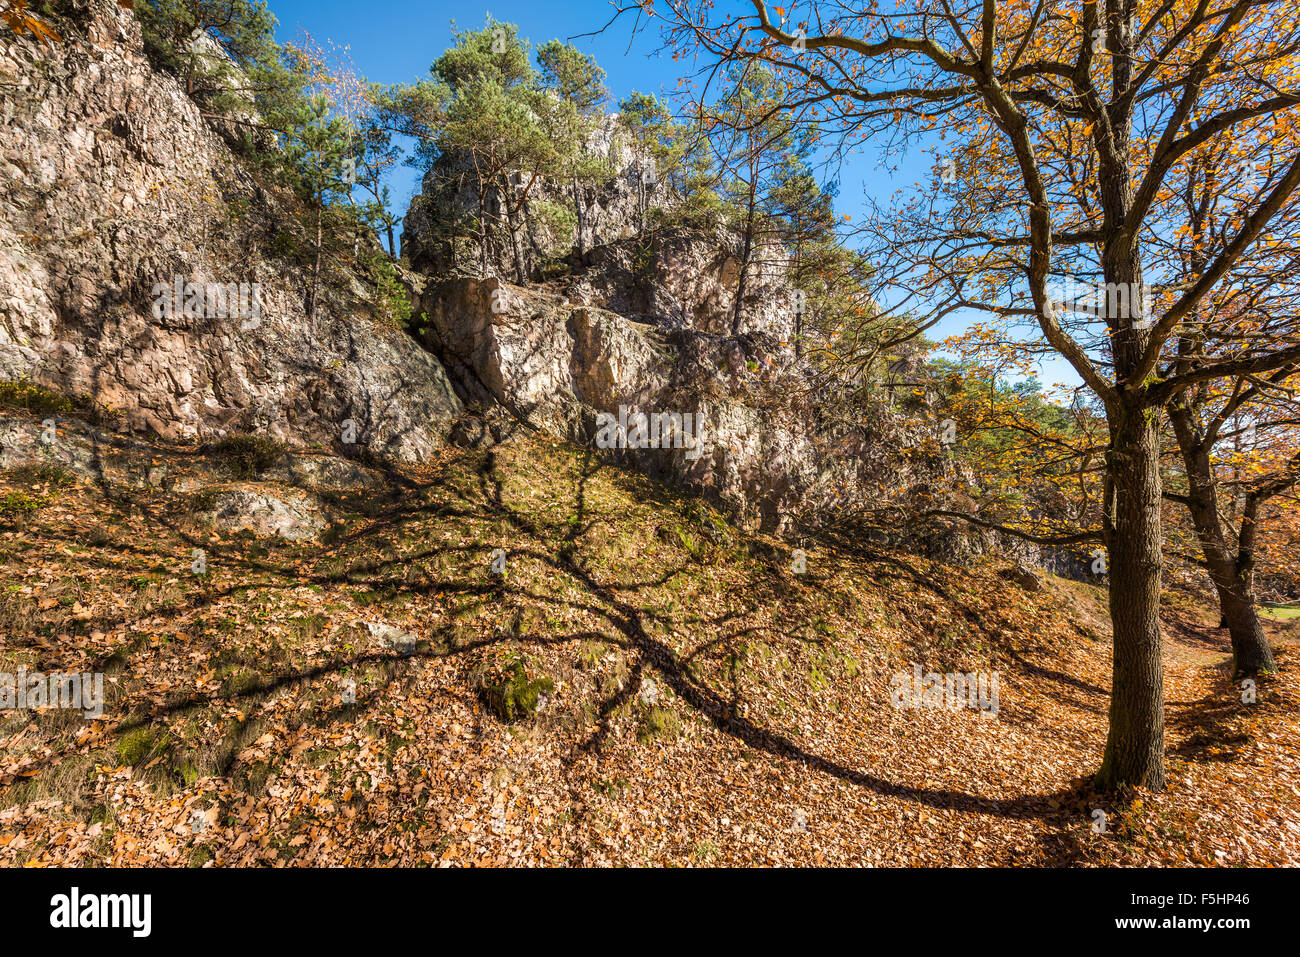 Autumnal Bayerischer Wald PFAHL in Viechtach, Bavarian Forest, hilltop, mountains, quartz, quartz rocks, way, autumn - Stock Image